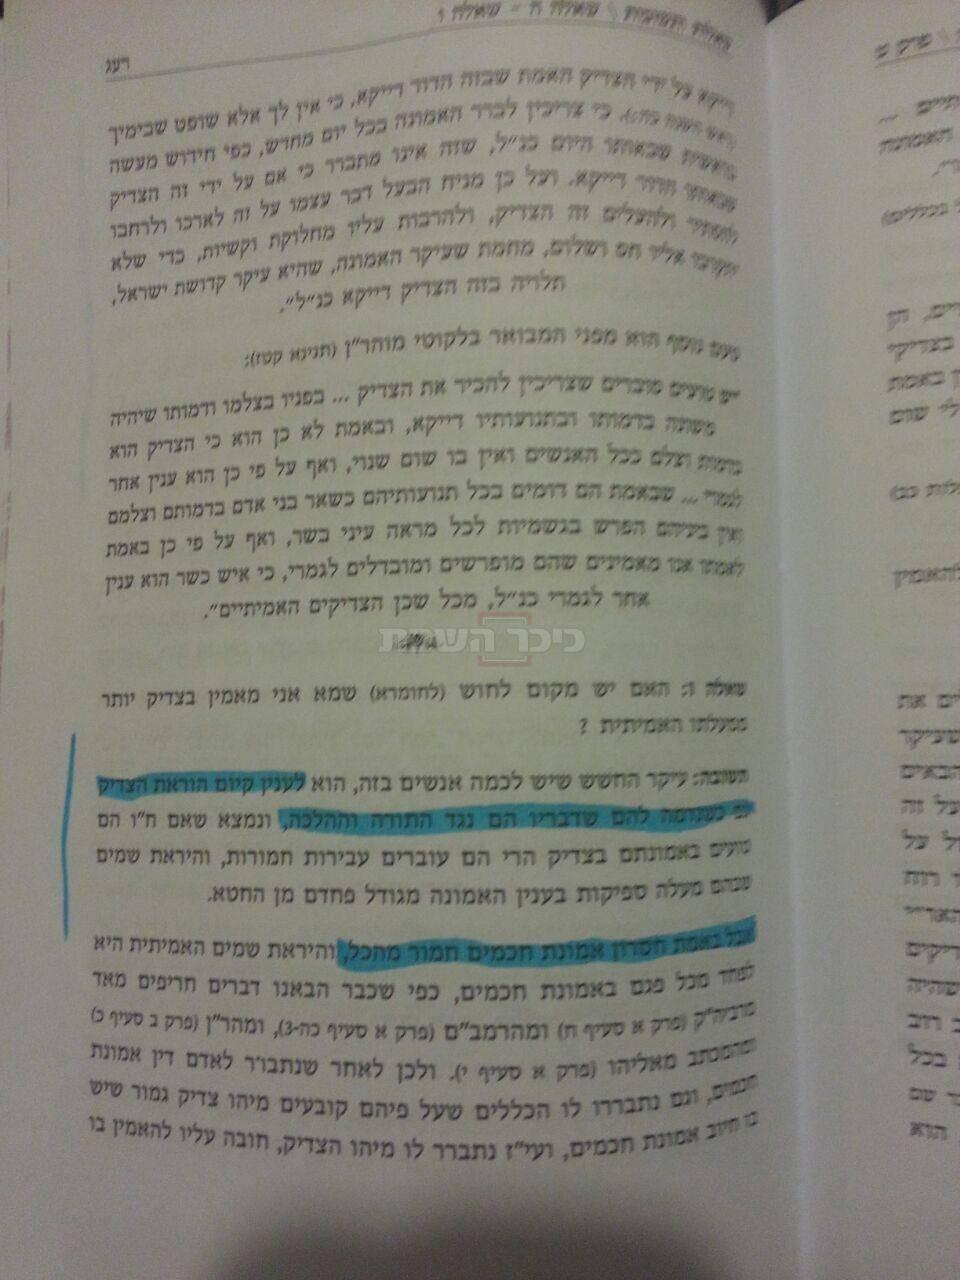 צילום מתוך הספר שהופץ ועורר את הדיון מחדש